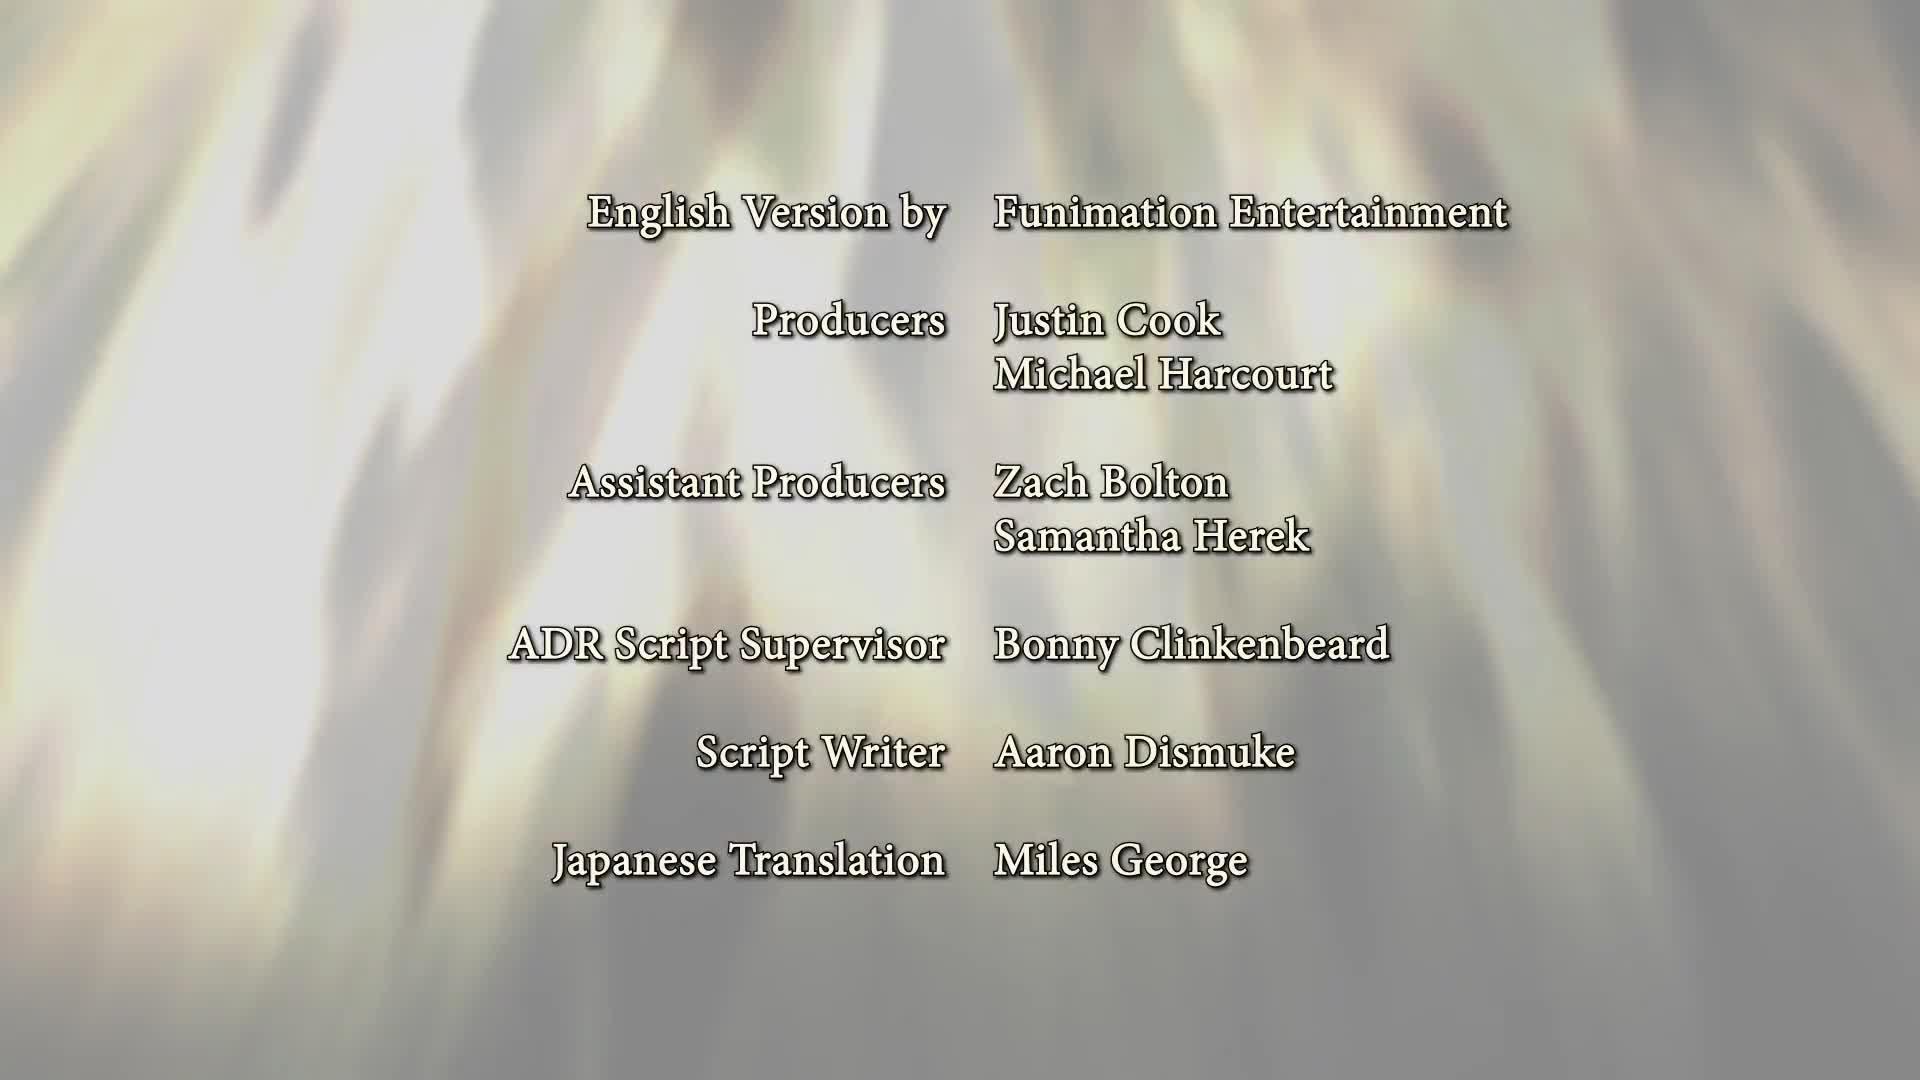 Shingeki no Kyojin: The Final Season - Episode 5